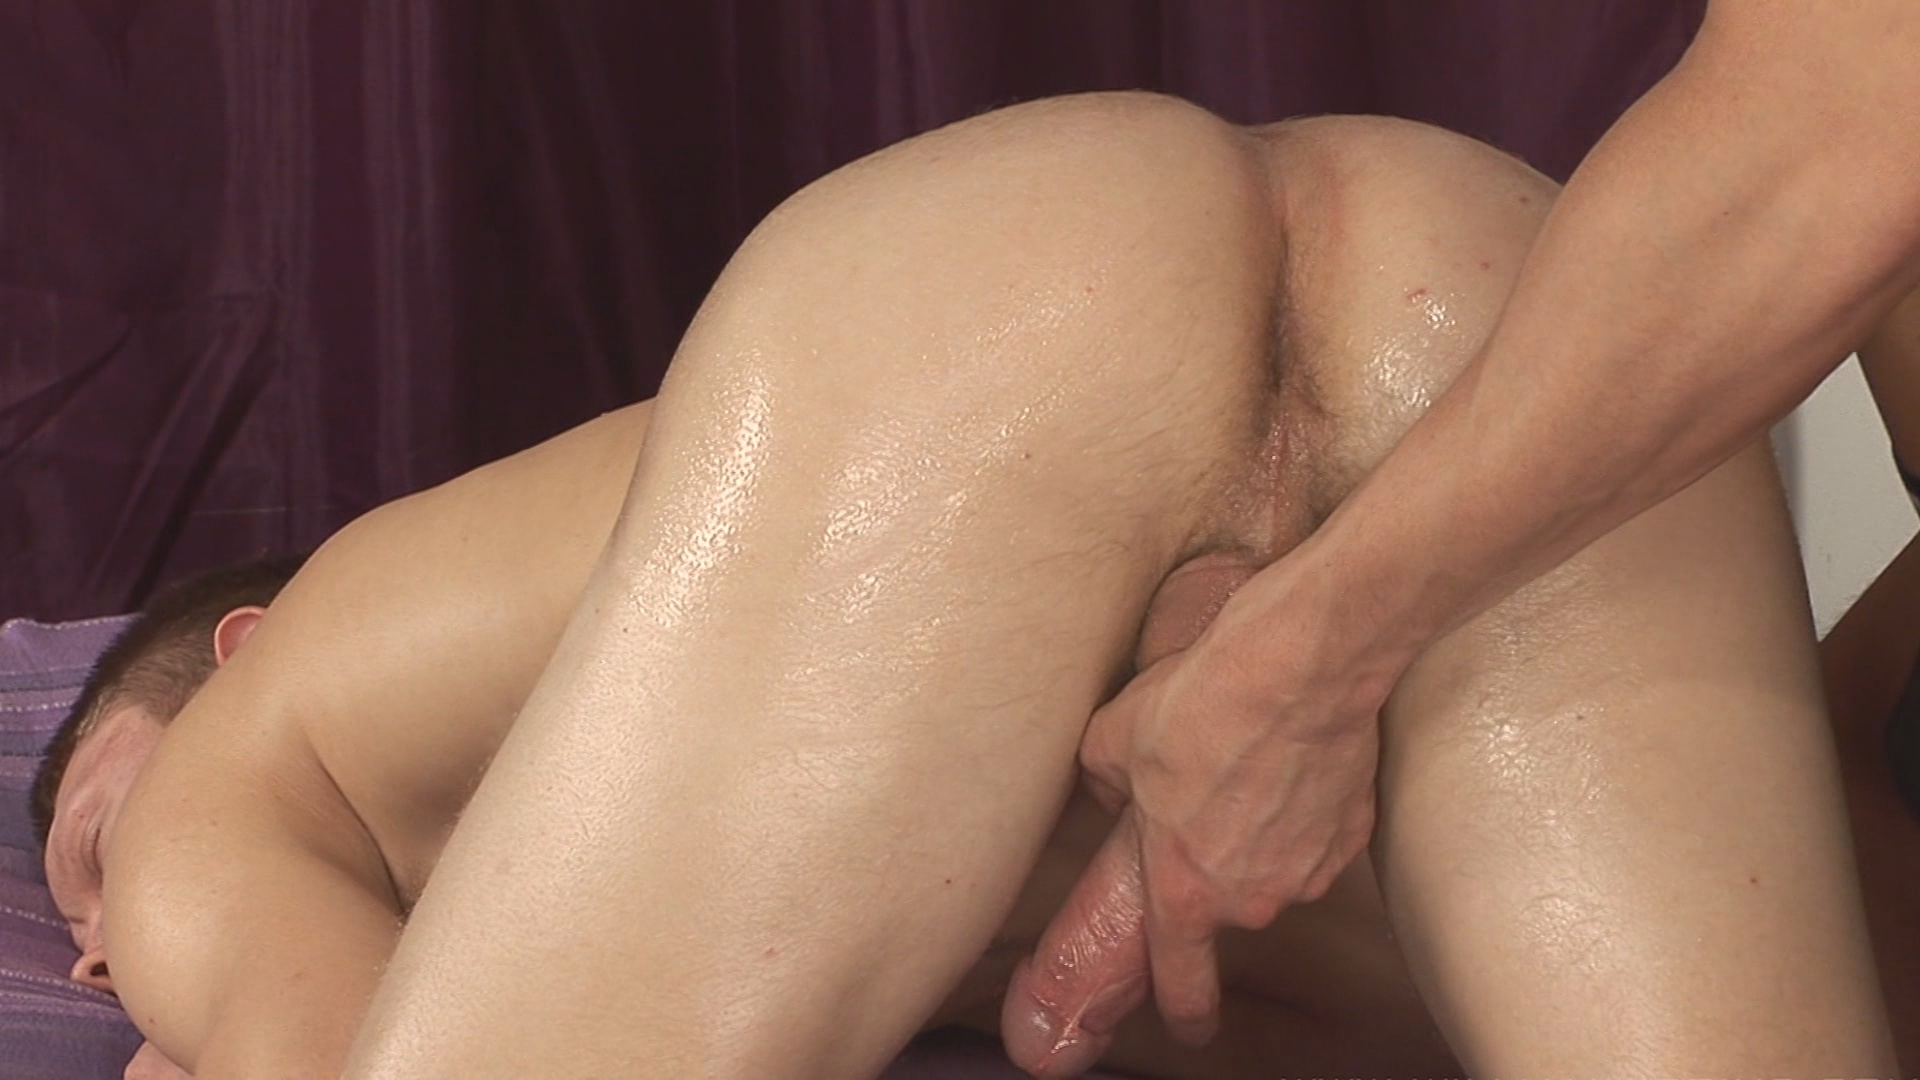 Ambush Massage 22 Xvideo gay